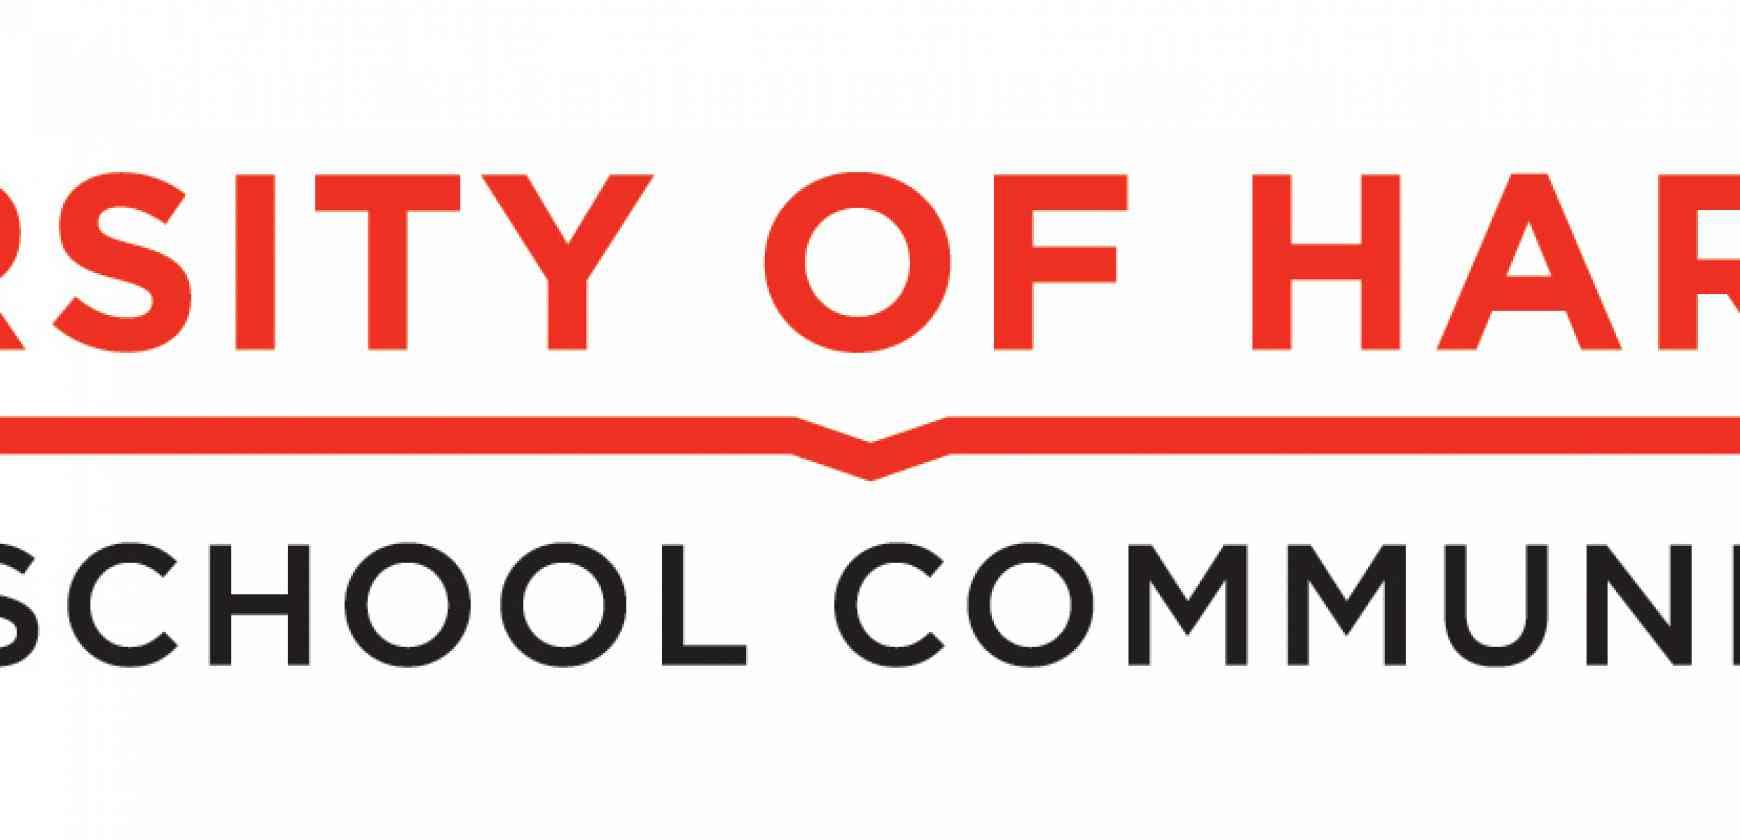 Hartt School Community Division